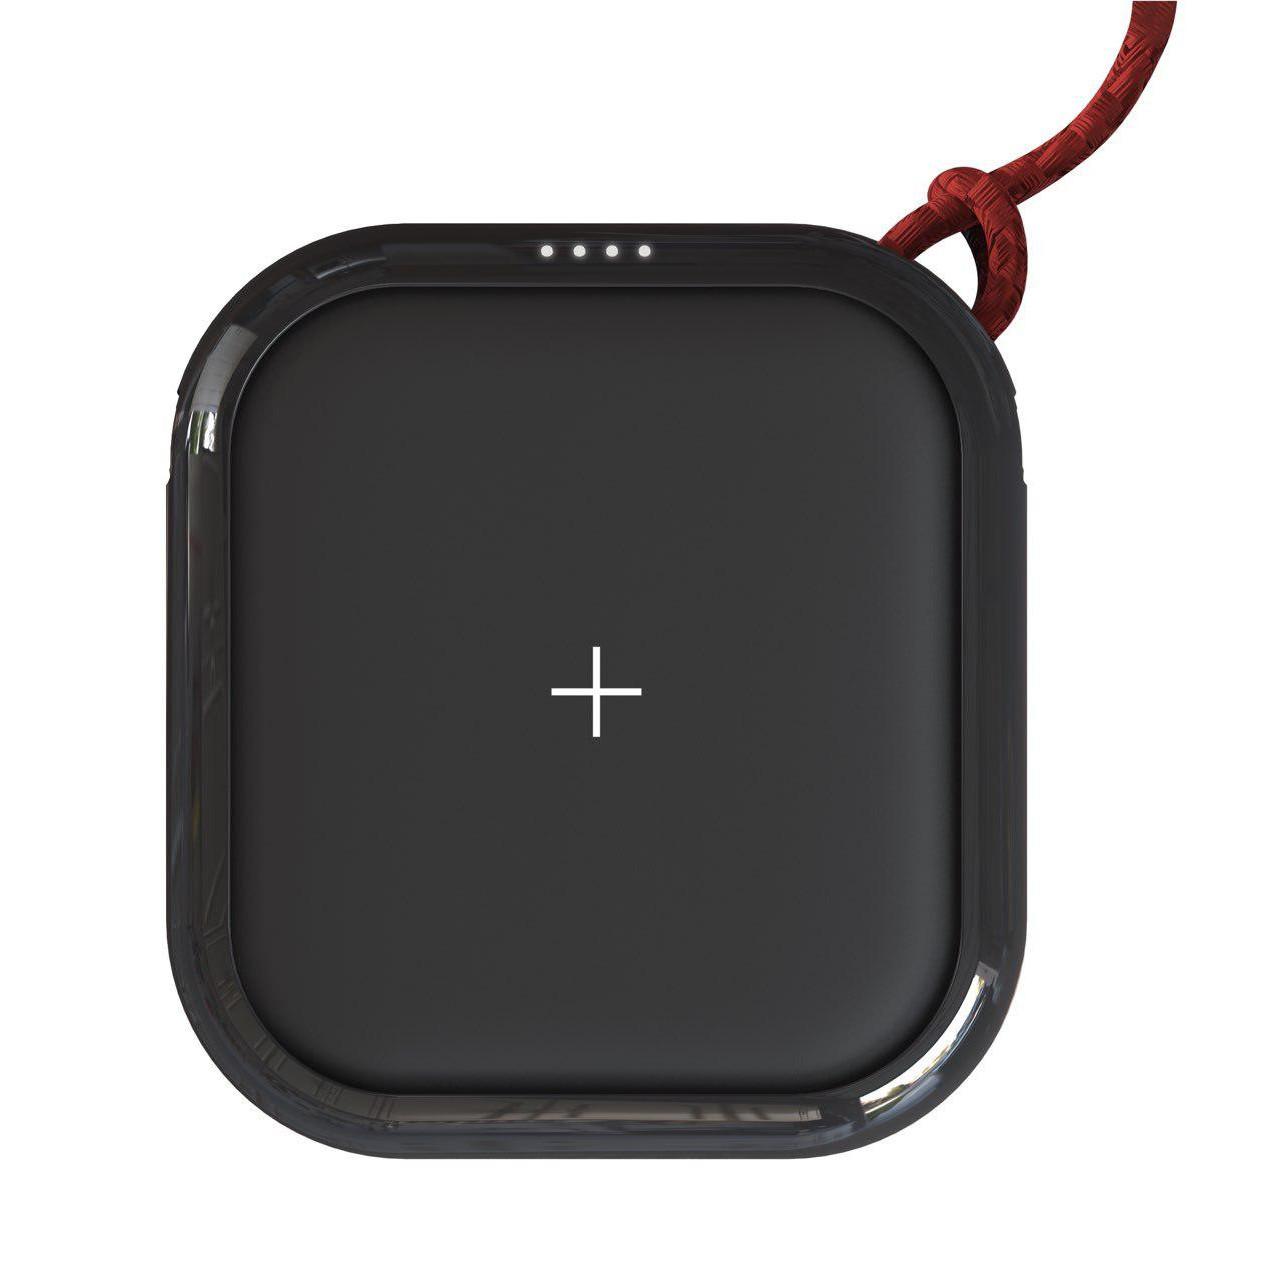 Pin Sạc Dự Phòng Mipow Cube X 10000 mAh Ver II Kết Hợp Sạc Không Dây Qi 10W Tích Hợp Cổng USB Type-C In/Out Hỗ Trợ Sạc Nhanh PD Power Delivery 18W - Hàng Chính Hãng